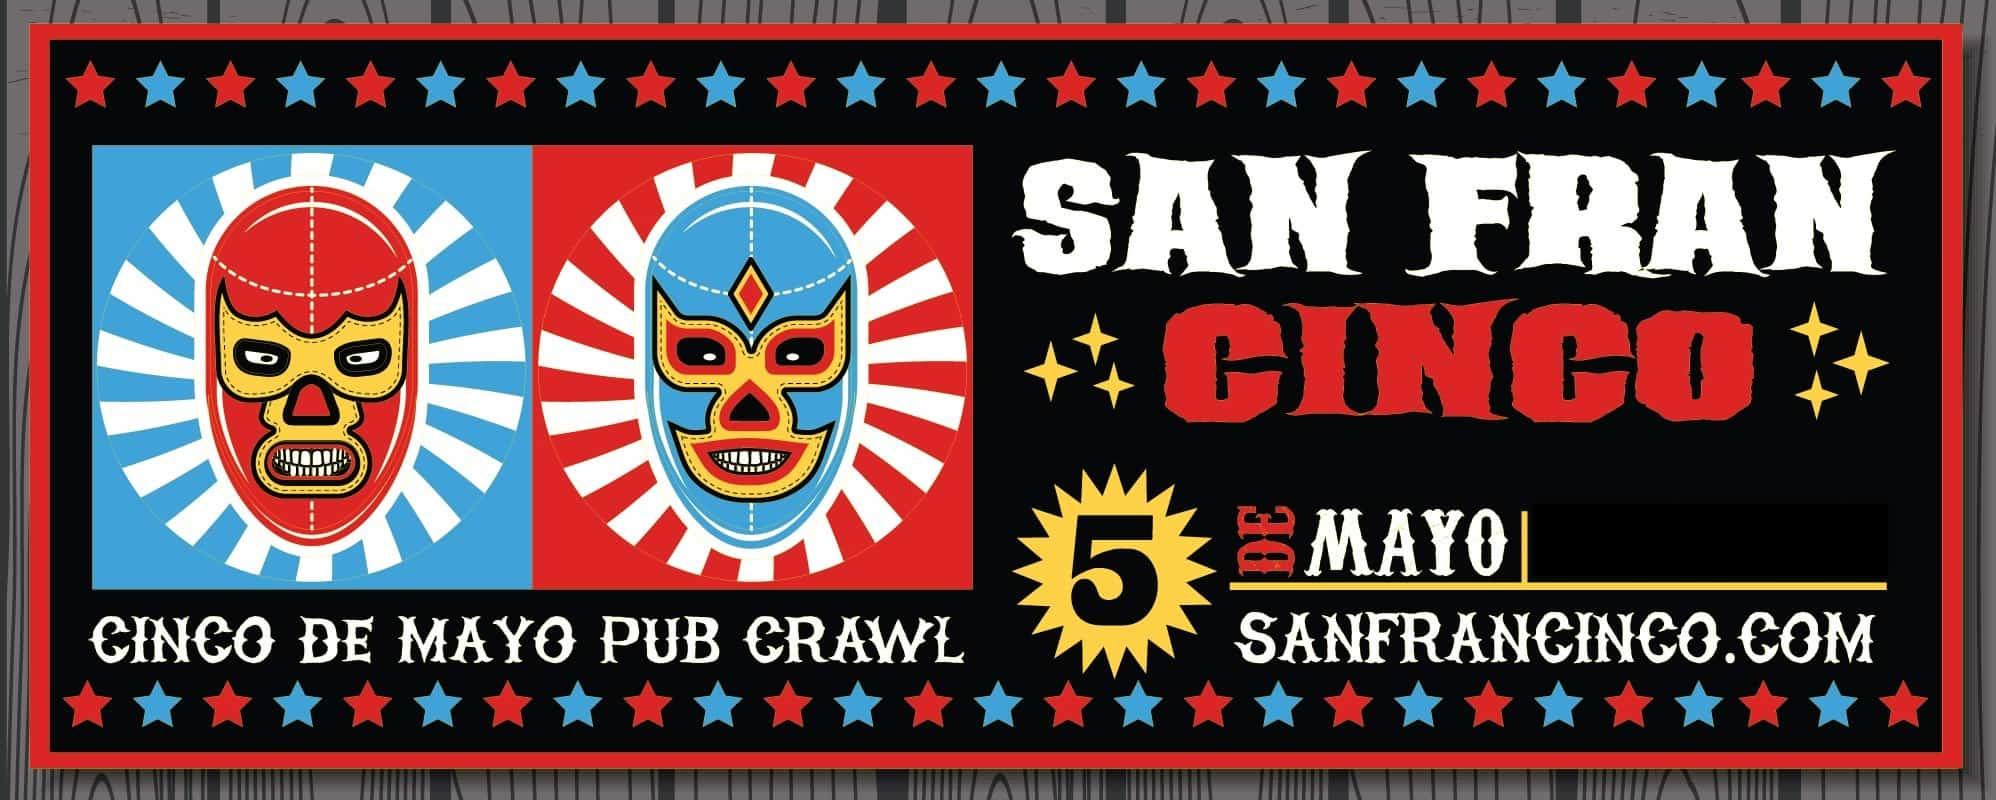 Cinco De Mayo Pub Crawl